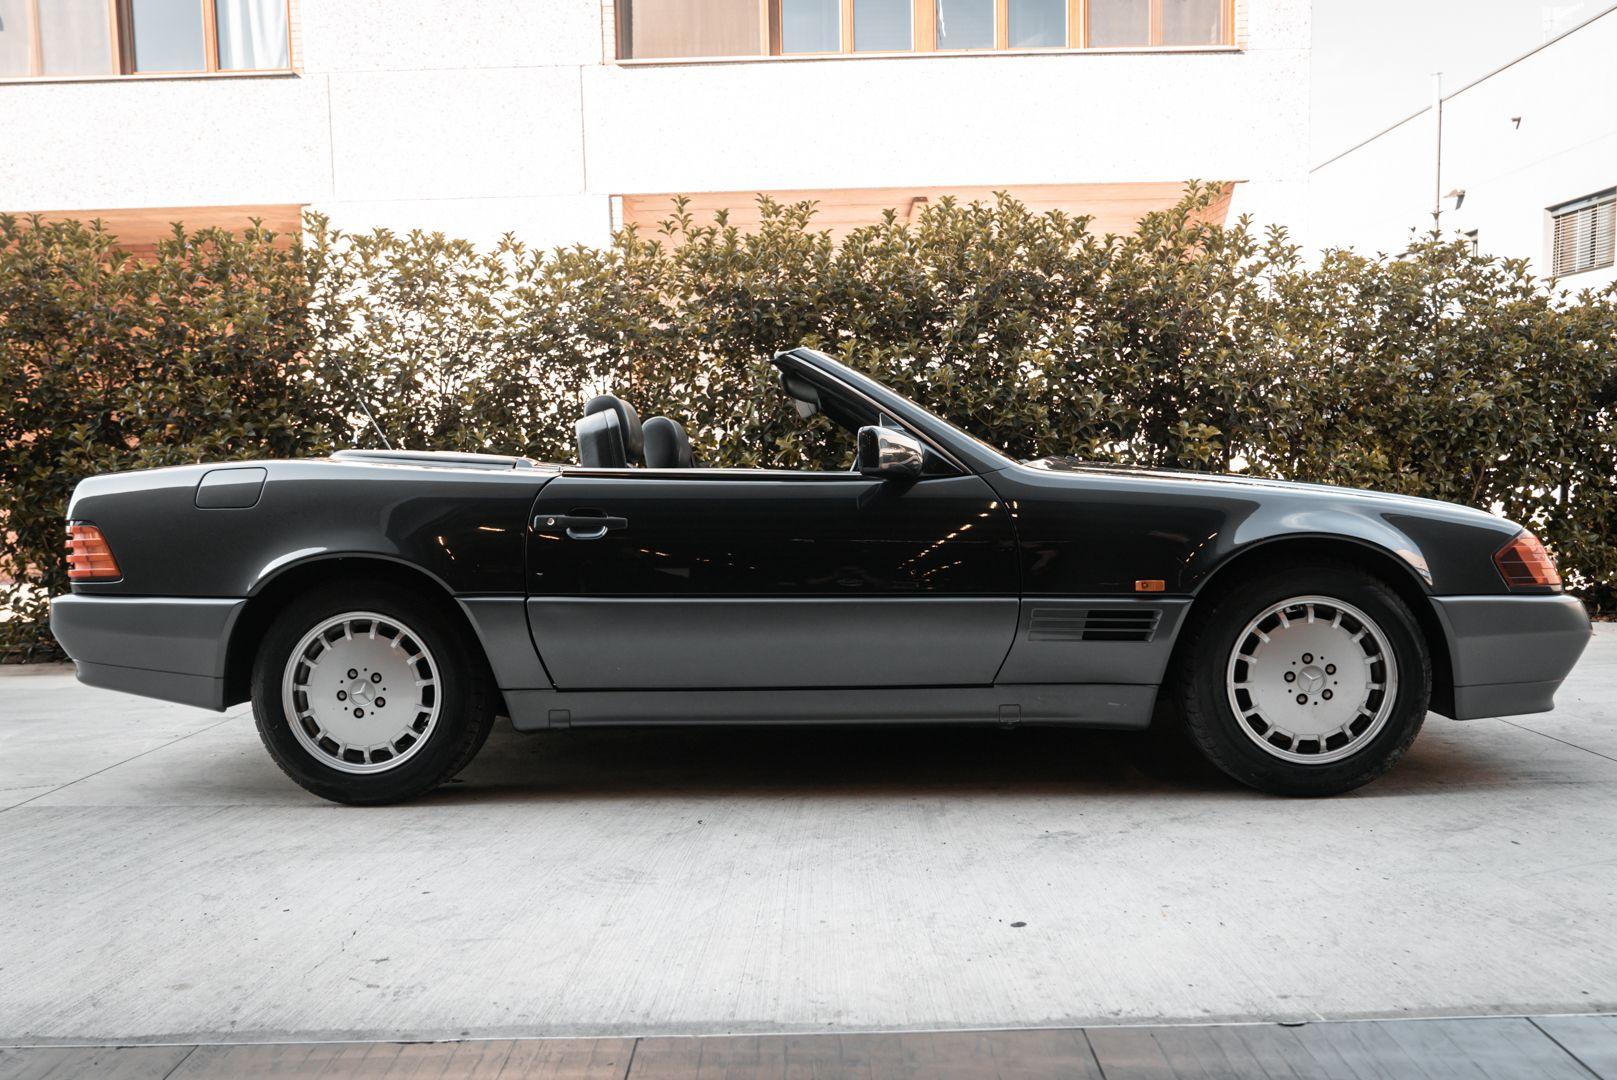 1992 Mercedes Benz 300 SL 24 V 80600